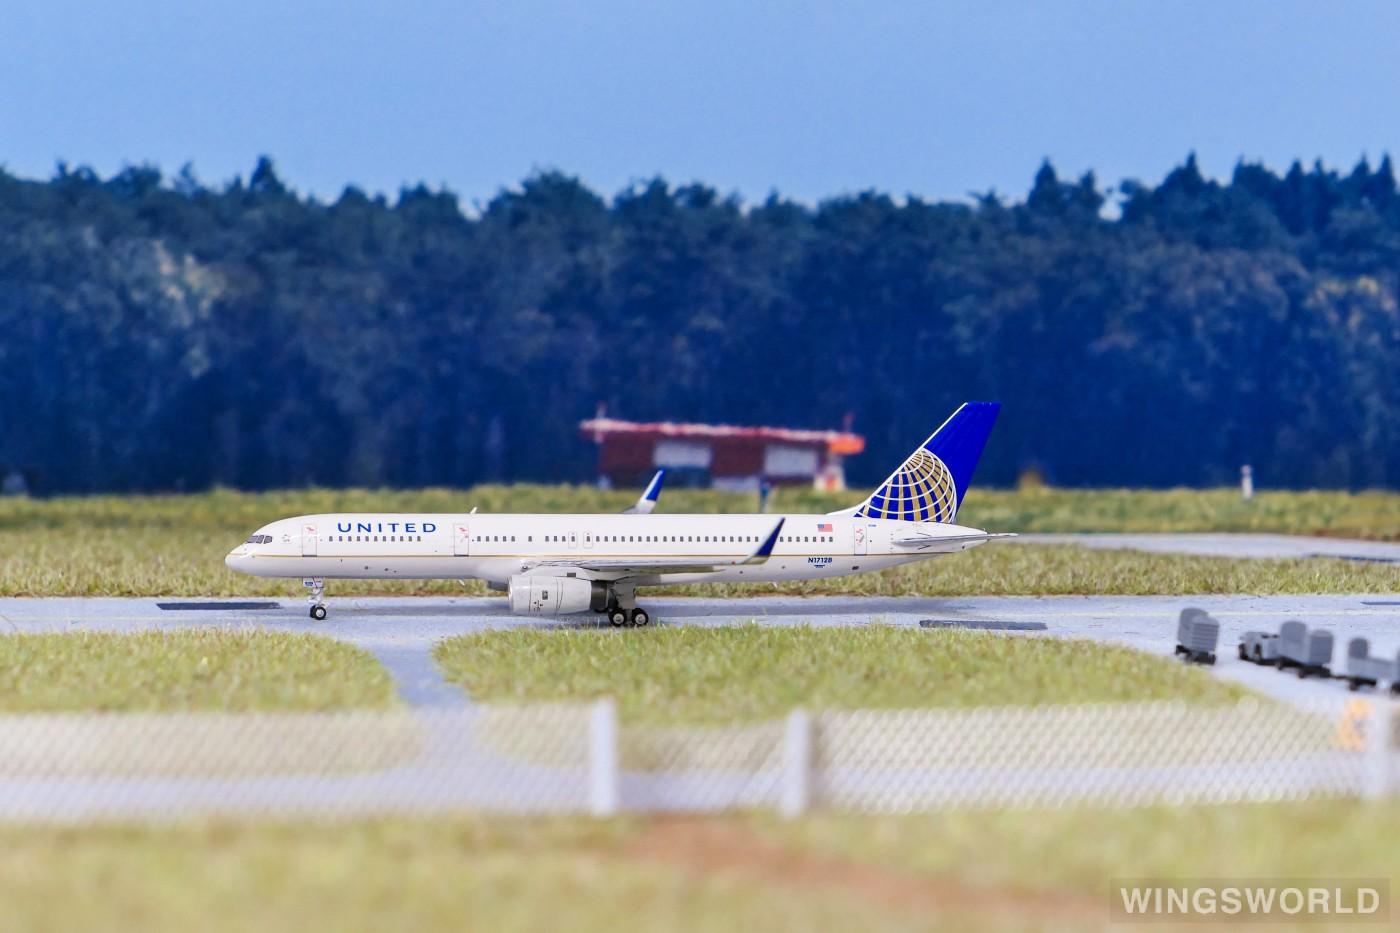 Ngmodel 1:400 NG53041 United Airlines 美国联合航空 Boeing 757-200 N17128